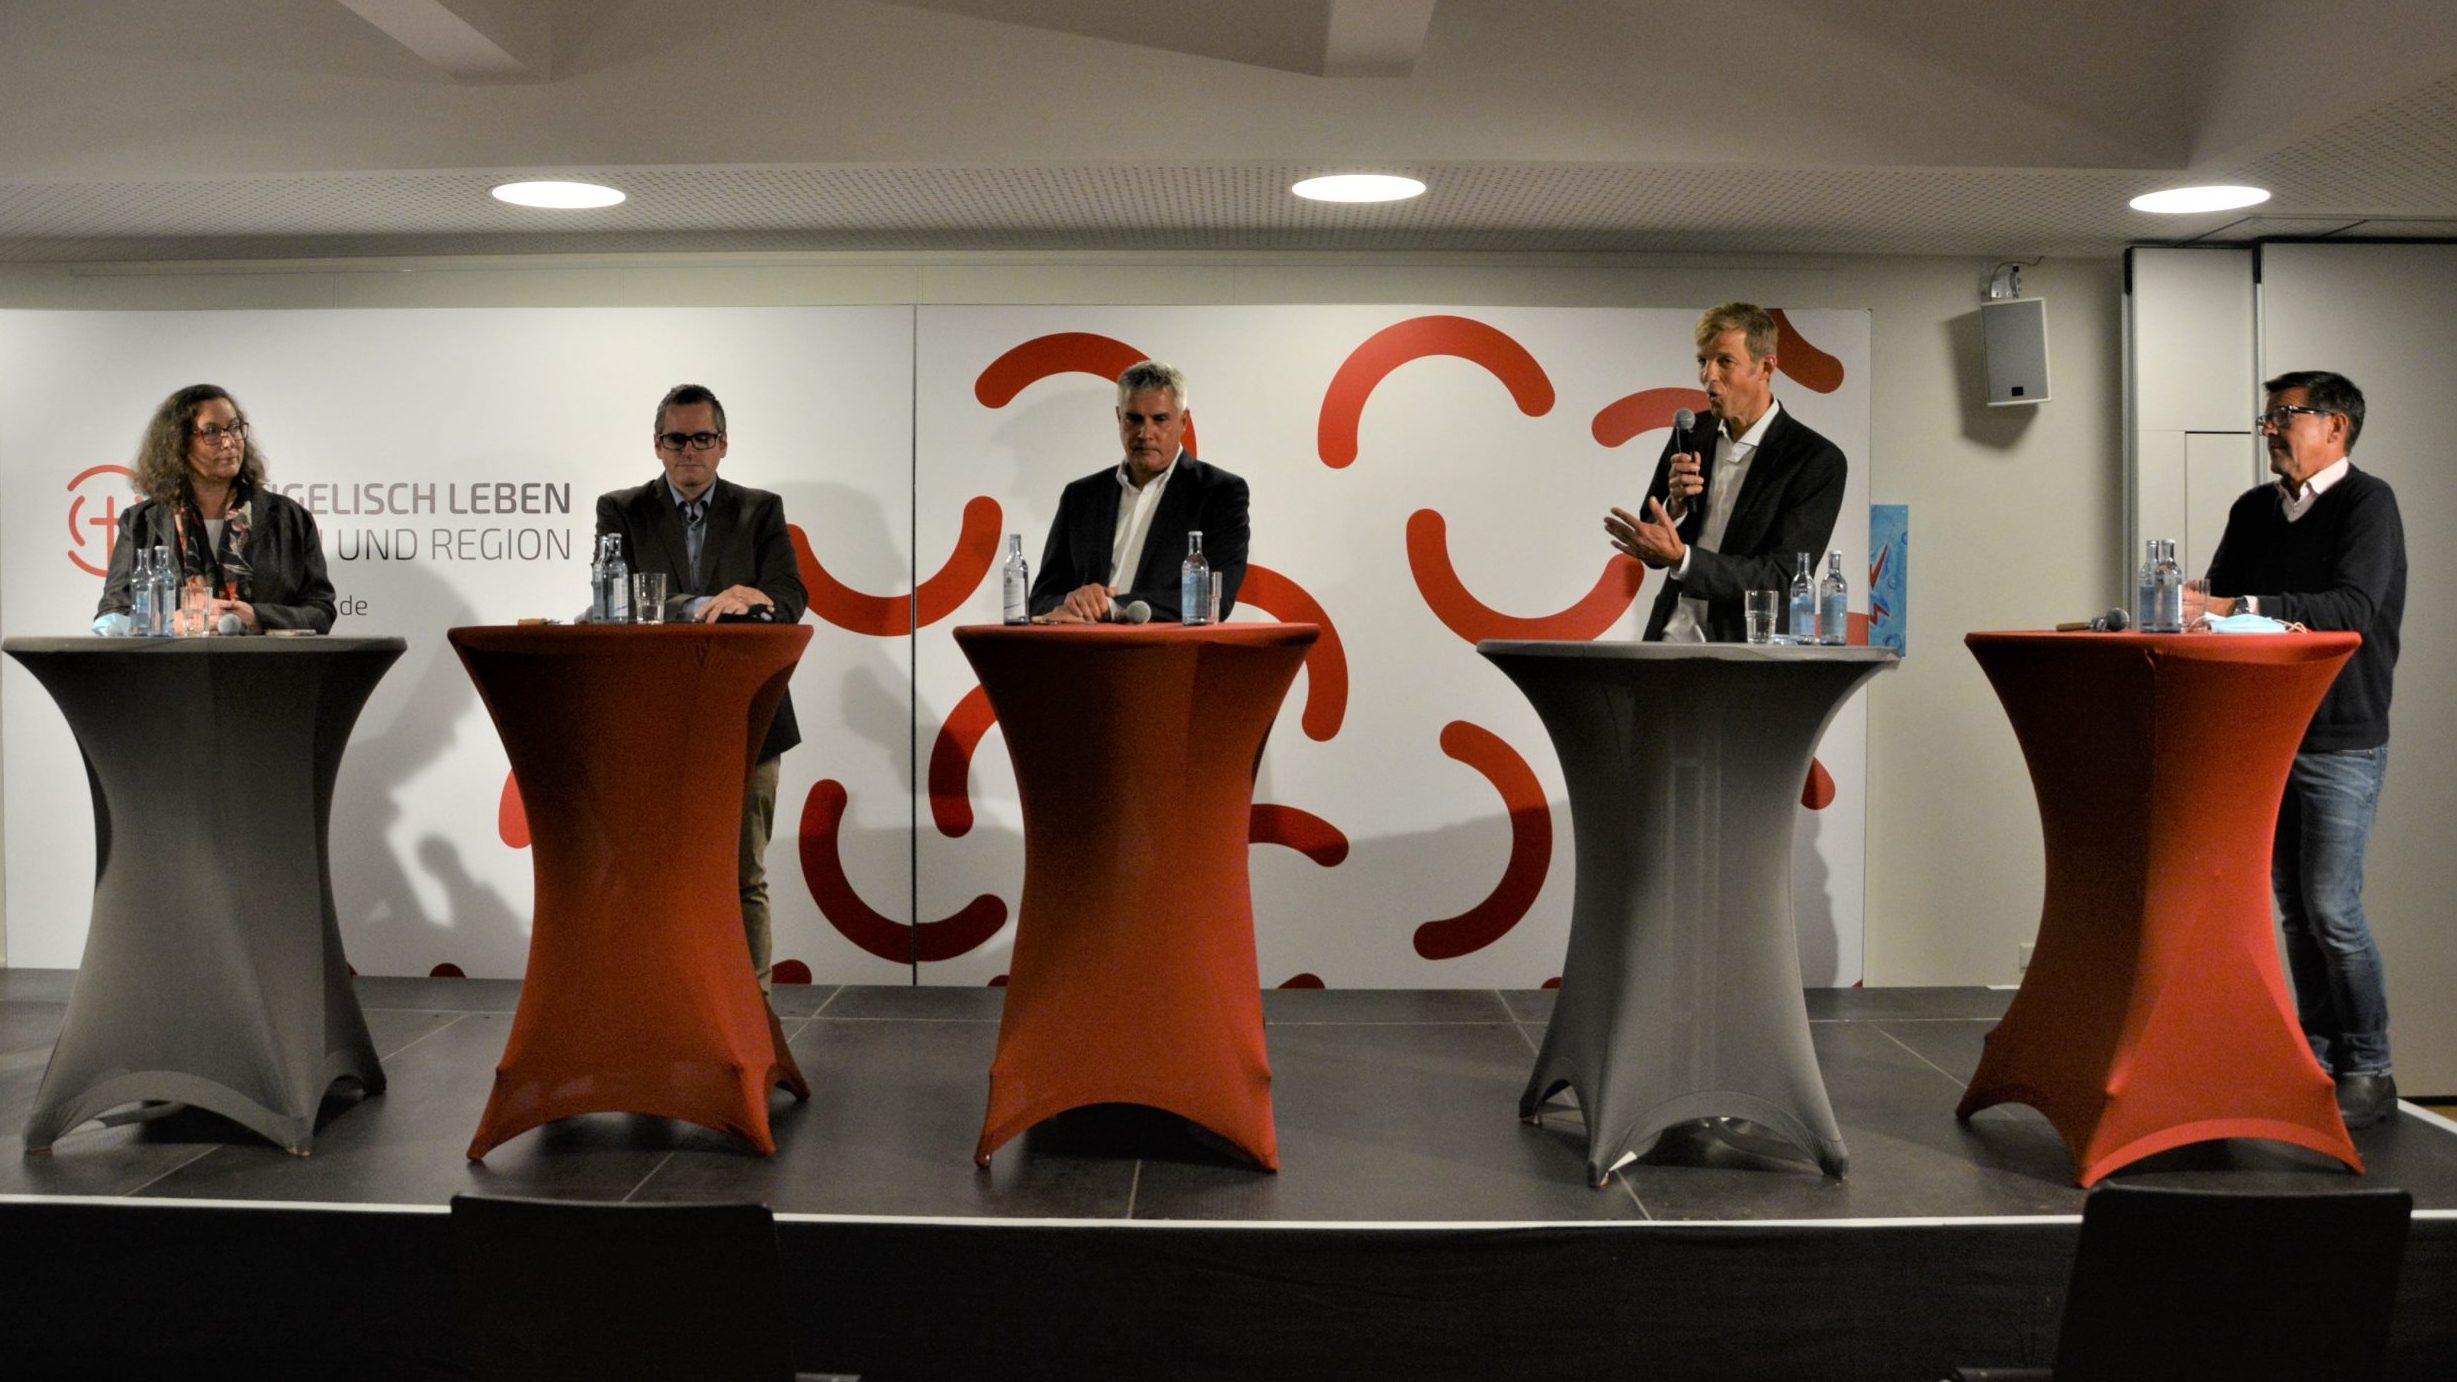 Energiewende im rheinischen Revier ist auf dem Weg – Podiumsdiskussion in der Friedenskirche in Bedburg